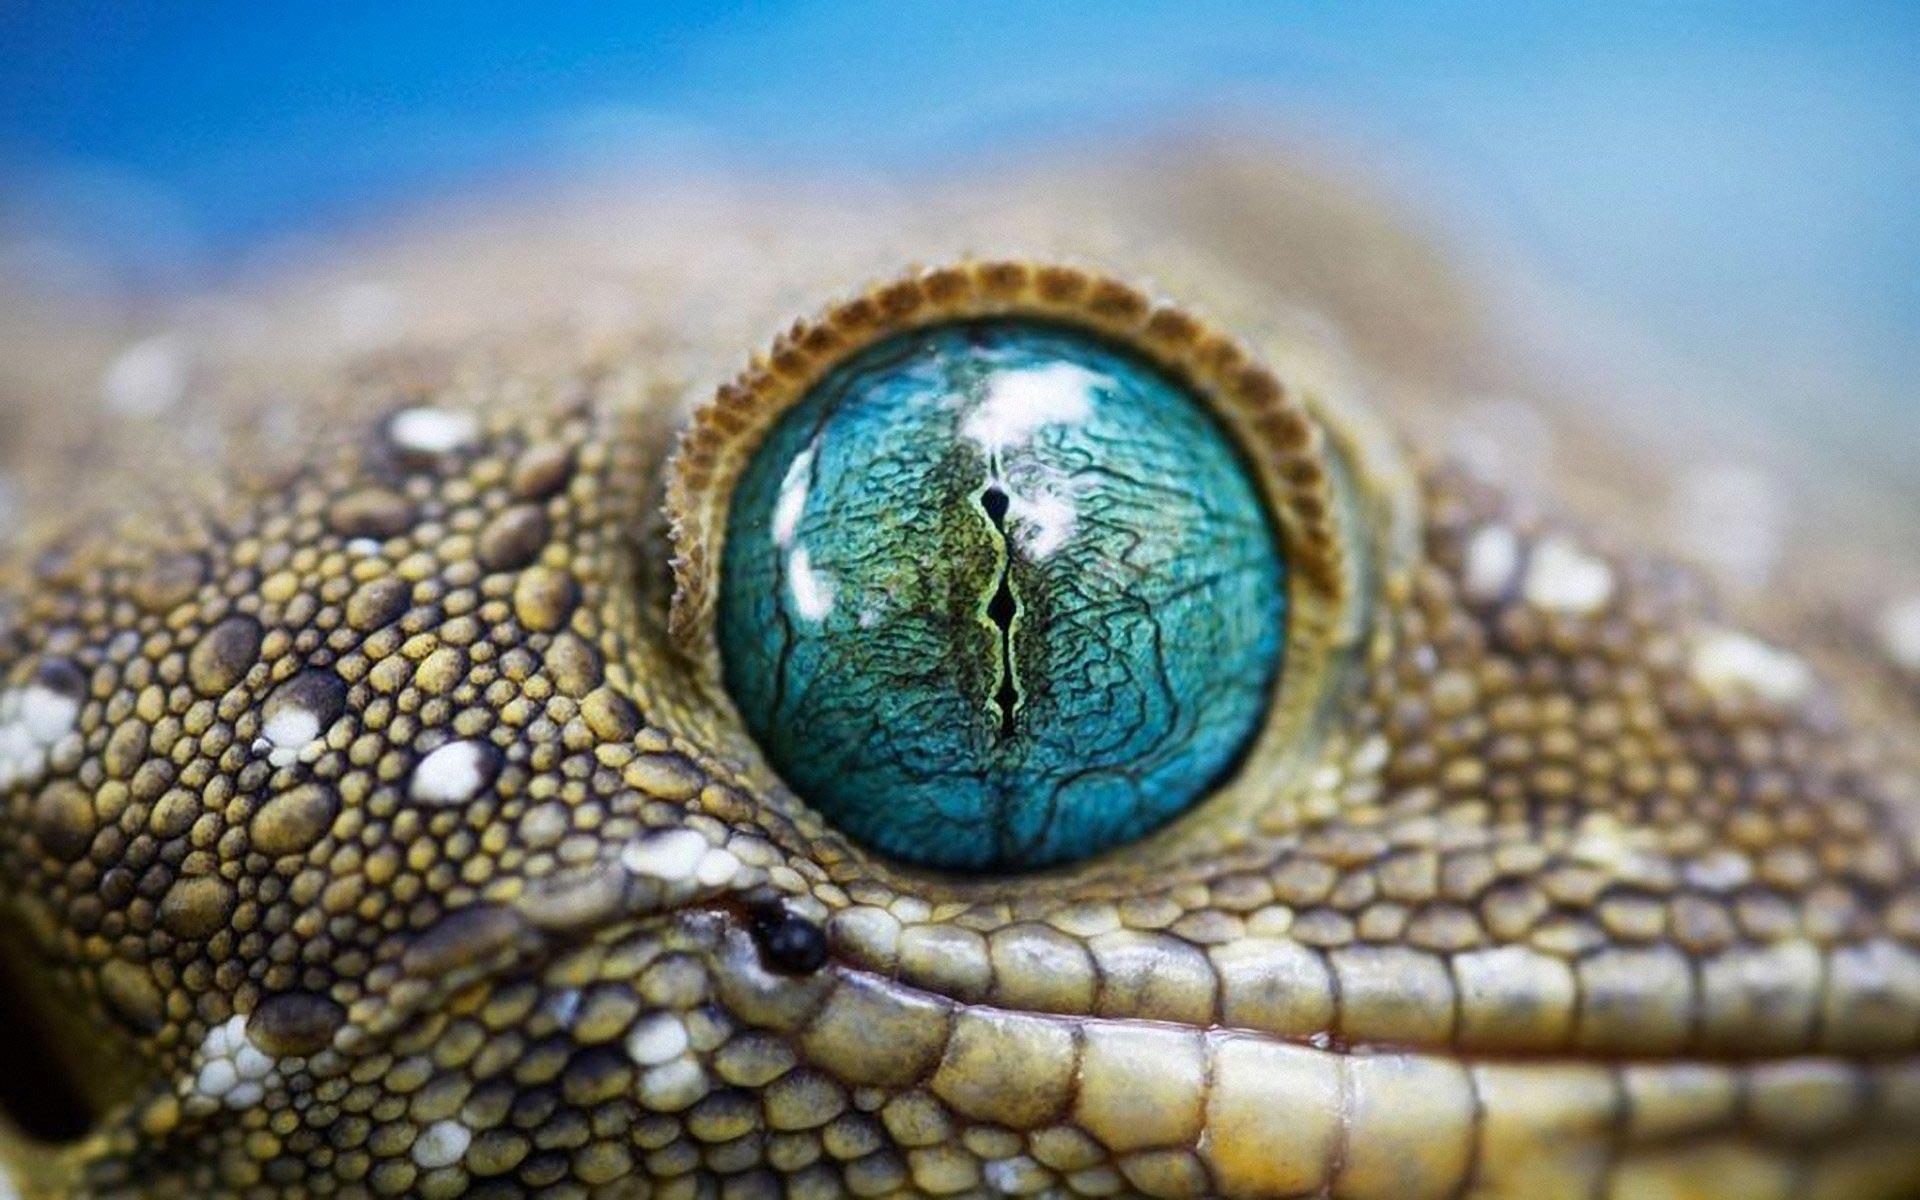 cartoon pic of alligator